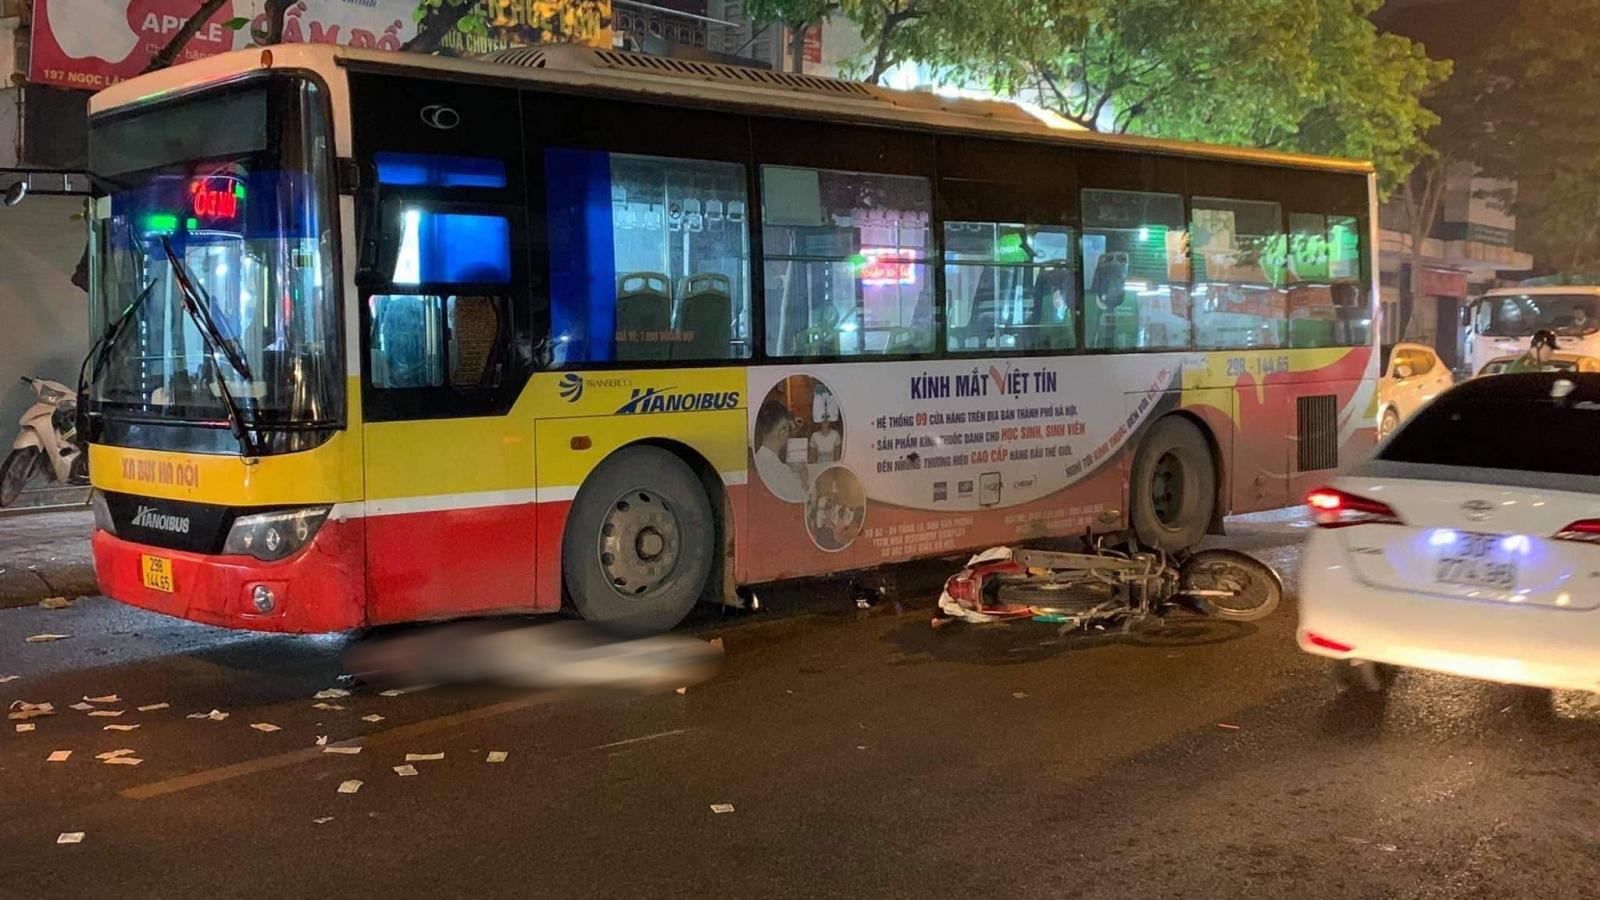 Va chạm với xe buýt, một người đi xe máy bị cuốn vào gầm, tử vong